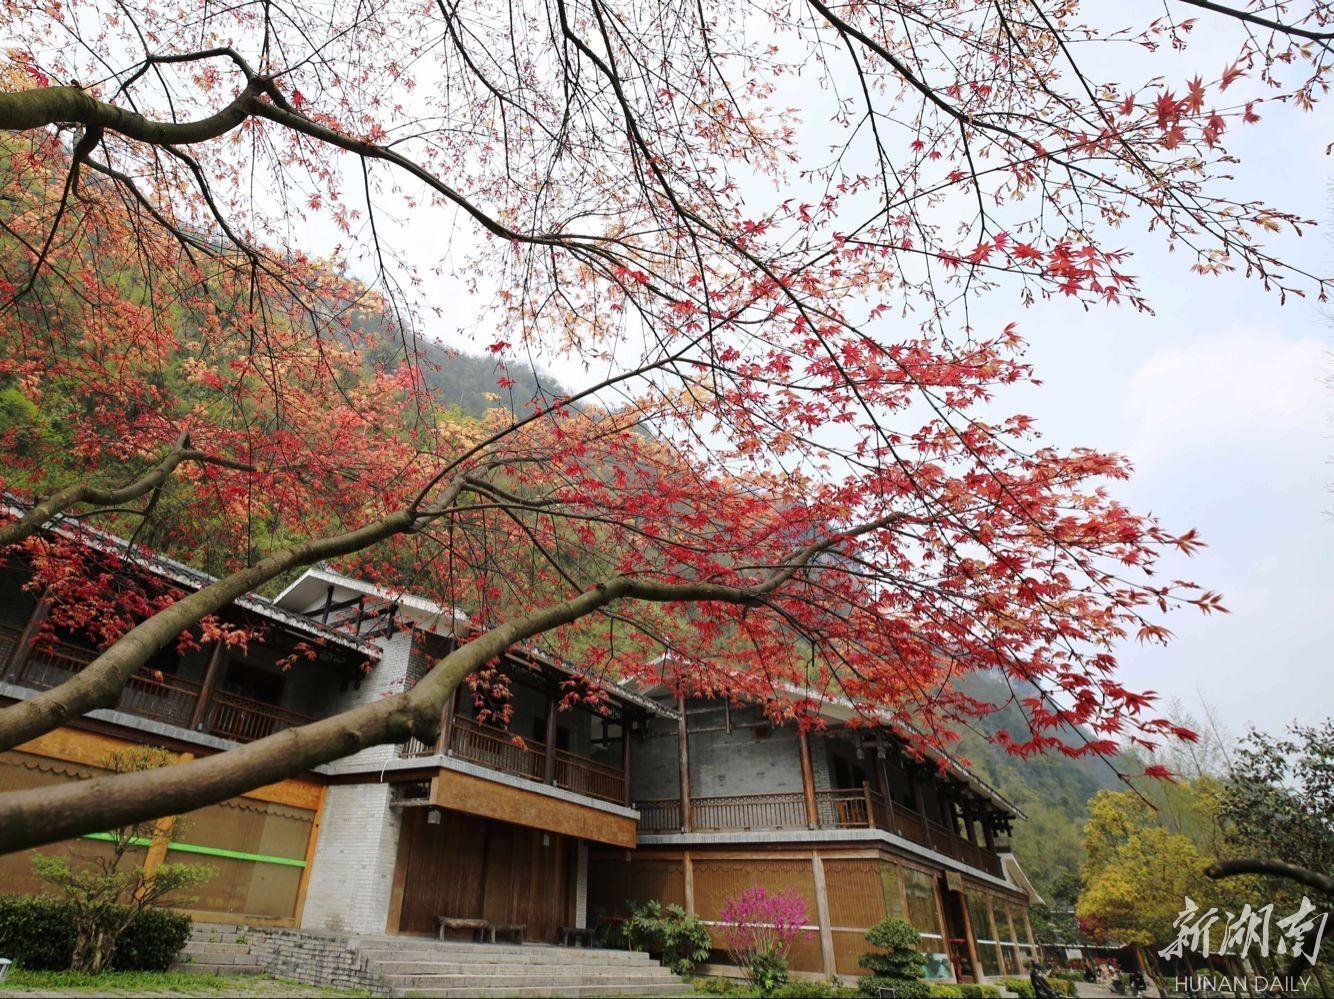 清明节前夕,黄龙洞风景区生态广场的枫树初展出的娇嫩枫叶红似火,点缀